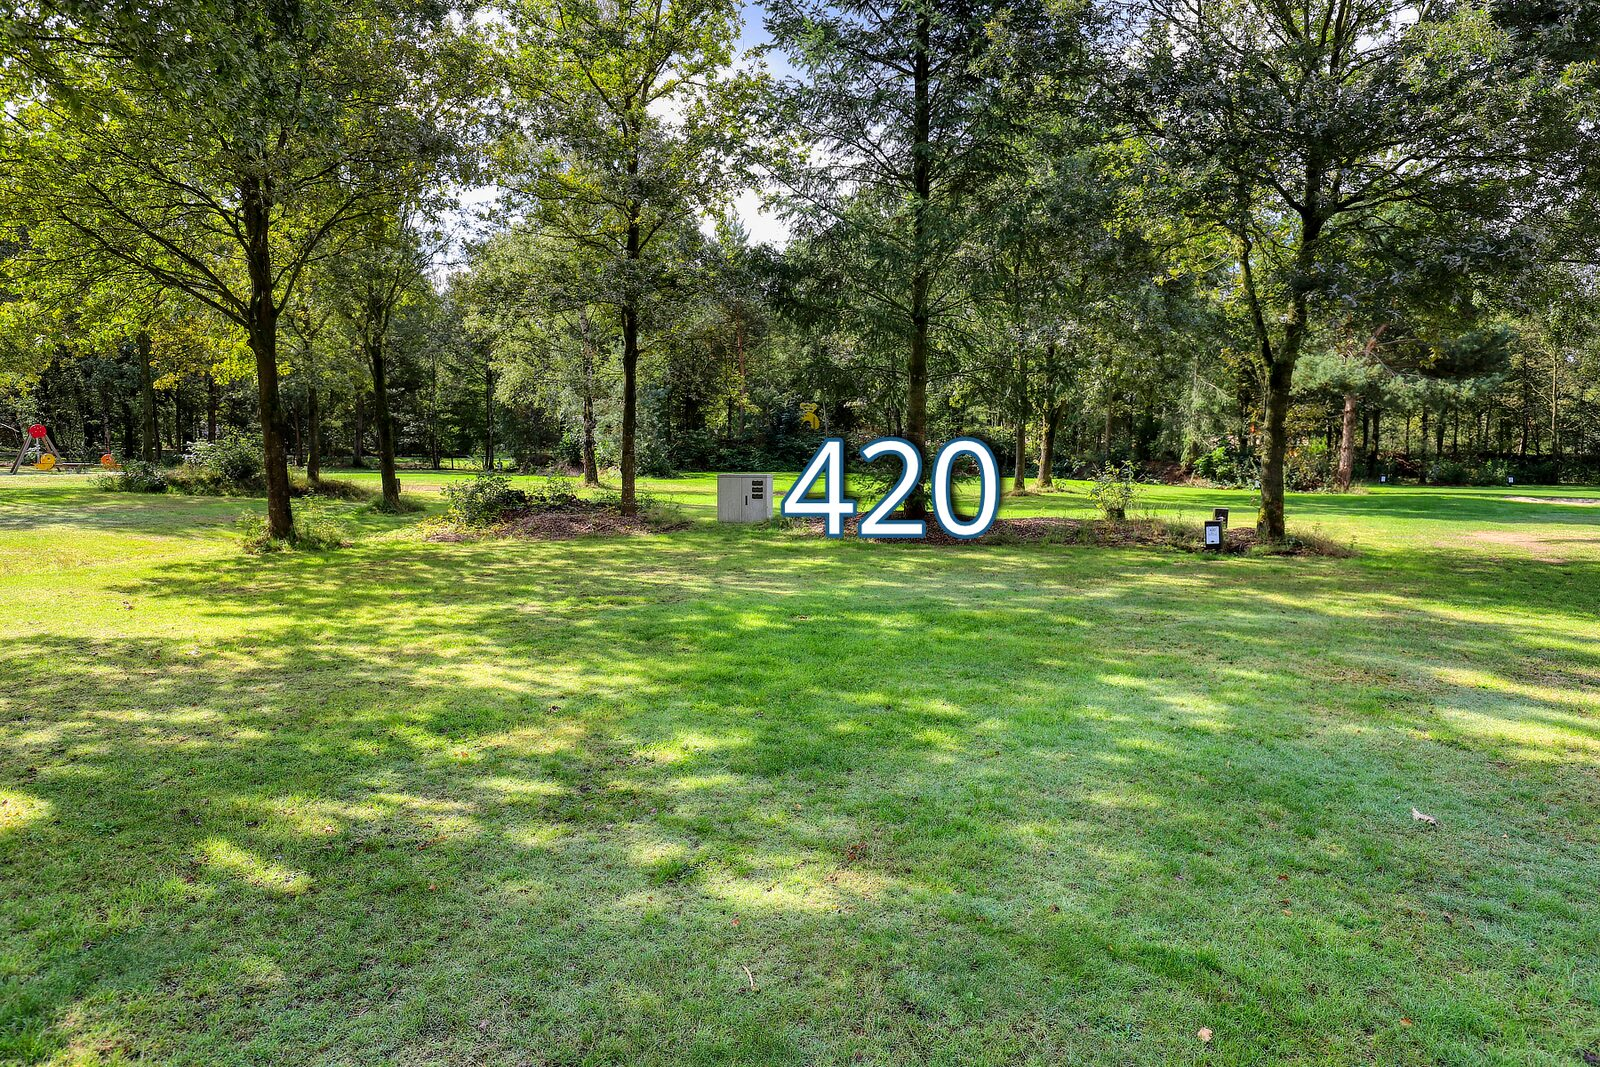 meemsveld 420